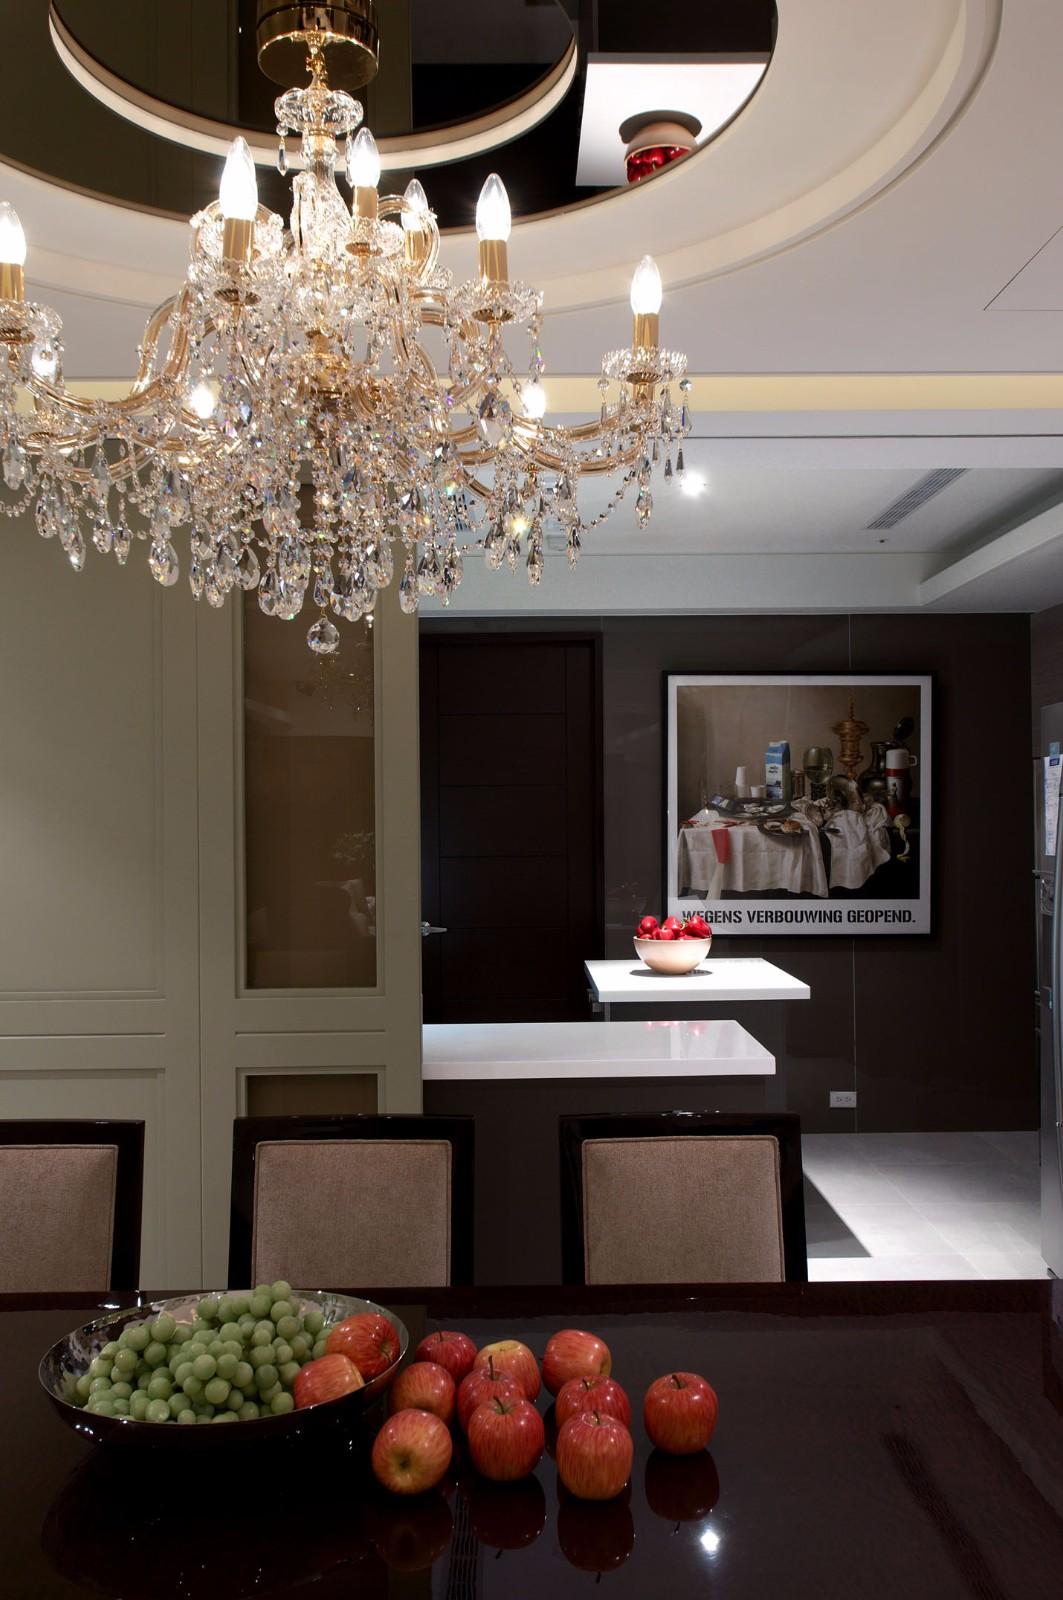 135㎡现代简欧风装修餐厅水晶灯设计图